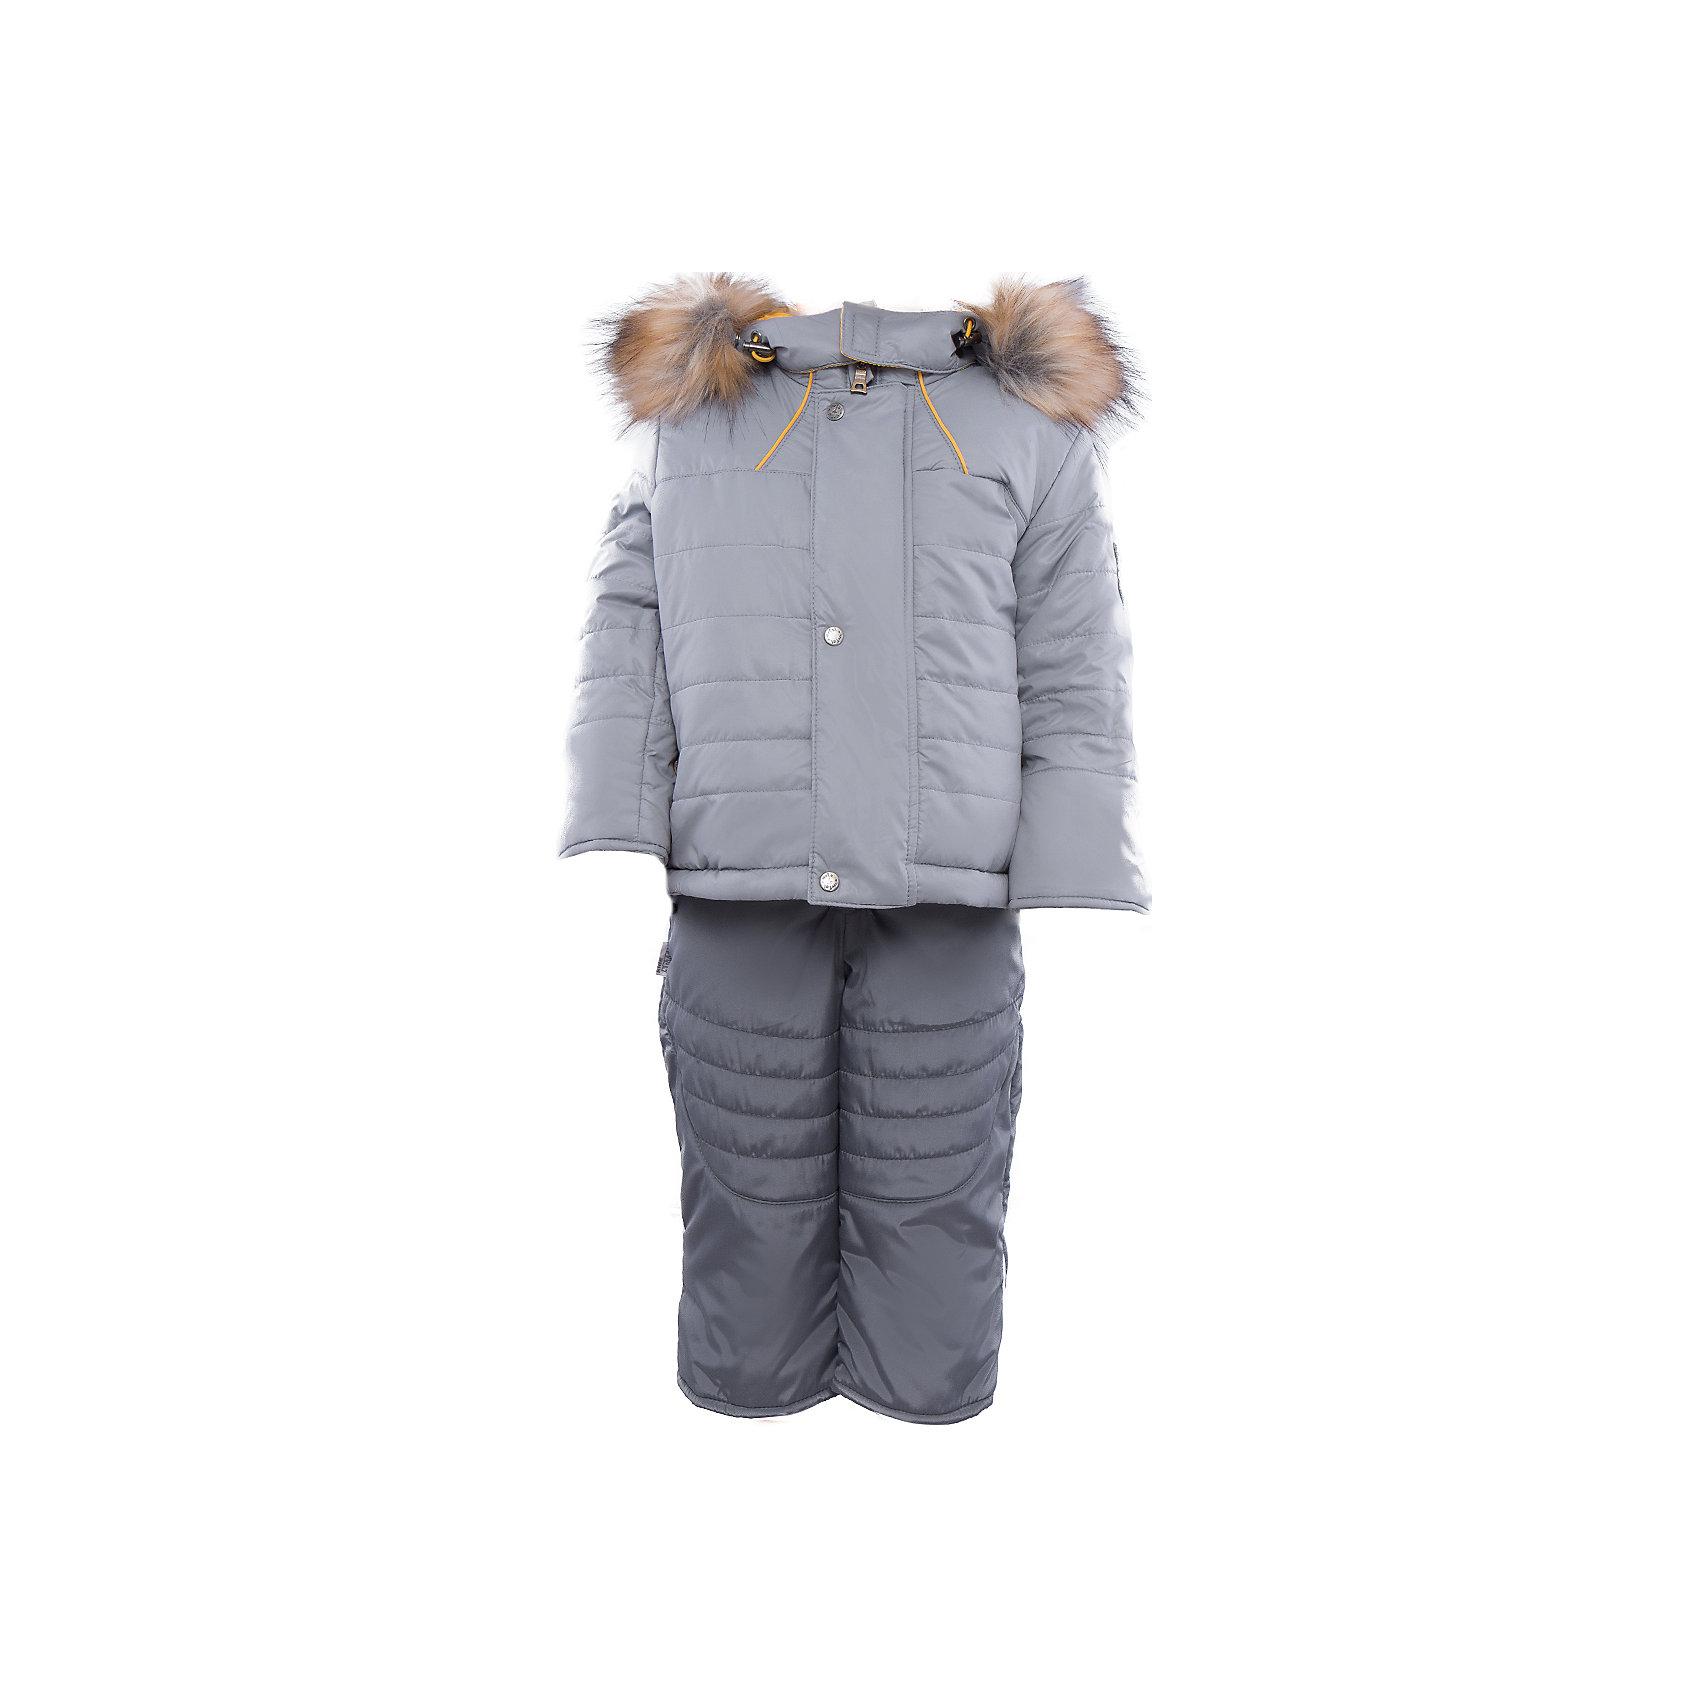 Комплект: куртка и полукомбинезон на овчине для мальчика АртельВерхняя одежда<br>Комплект: куртка и полукомбинезон для мальчика от известного бренда Артель<br>Теплая куртка прямого силуэта с дополнительной меховой подстежкой. Съемный глубокий капюшон на кнопках с искусственным отстегивающемся мехом енота, вязаные манжеты в рукавах и регулируемая кулиска по низу куртки создают дополнительную защиту в холодное время года. Отворотный рукав регулируется по длине, карманы прорезные на молнии. У полукомбинезона регулируется длина бретелек и отворачивается низ штанишек, что позволит индивидуально для каждого ребенка скорректировать посадку изделия. По низу штанины имеется дополнительная защита от снега. <br>Состав:<br>Верх: 819 YSD<br>Подкладка: интерлок<br>Подстежка: овчина<br>Опушка:енот искусственный(отстегивается)<br>Утеплитель: термофайбер 200гр<br><br>Ширина мм: 215<br>Глубина мм: 88<br>Высота мм: 191<br>Вес г: 336<br>Цвет: серый<br>Возраст от месяцев: 12<br>Возраст до месяцев: 15<br>Пол: Мужской<br>Возраст: Детский<br>Размер: 80,92<br>SKU: 4963904